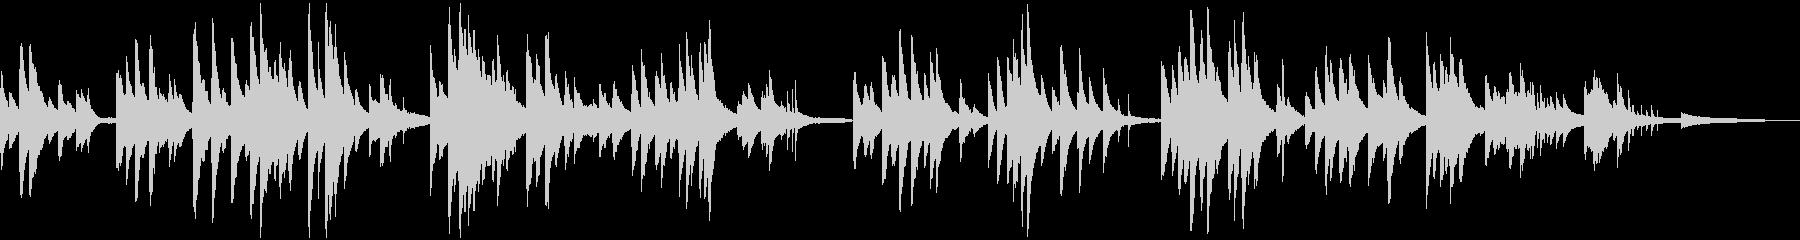 ジングルベル しっとりジャズピアノの未再生の波形